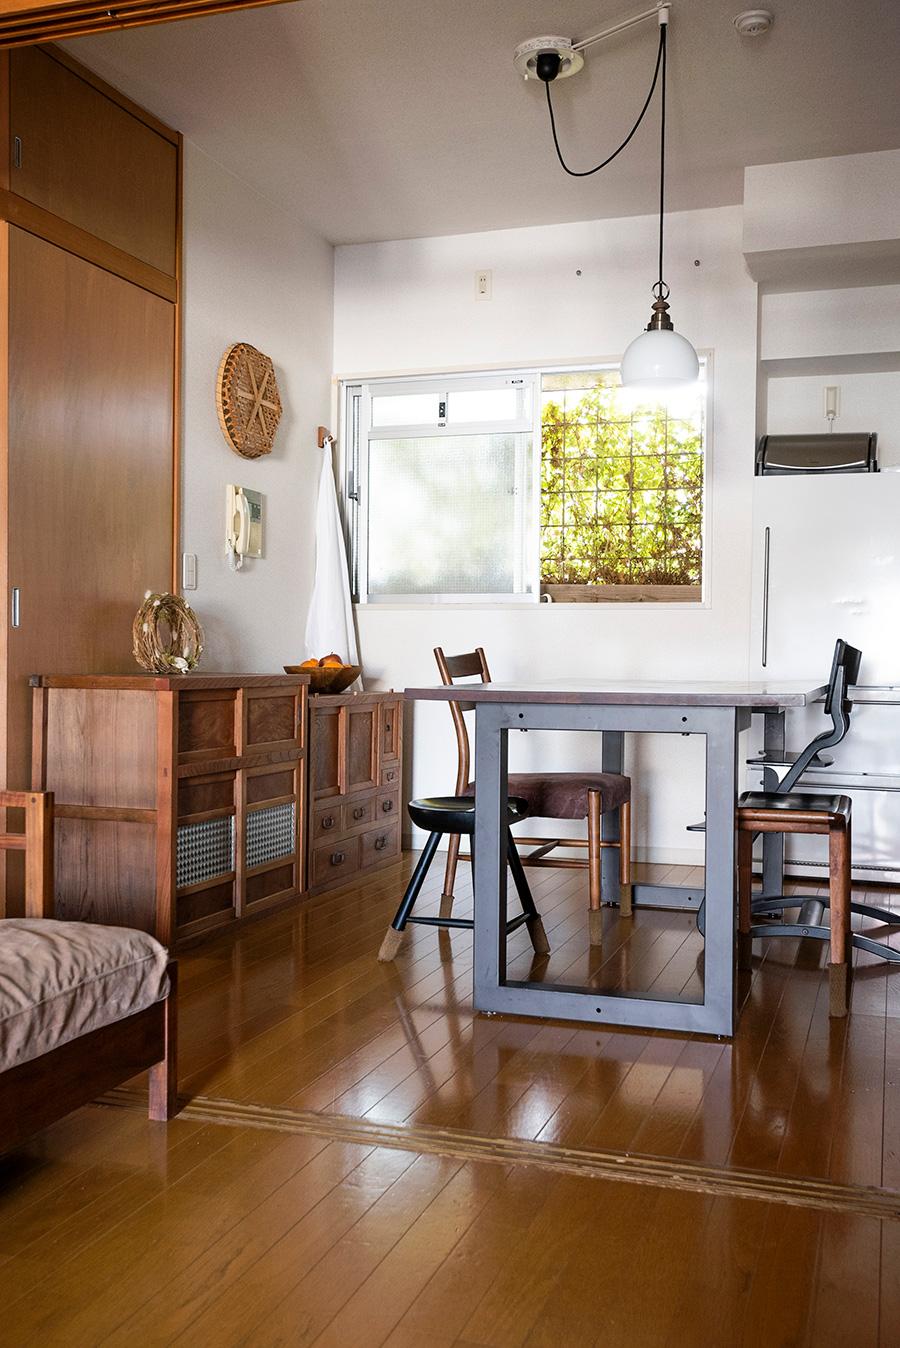 「古道具や経年で味が出る家具が好き」と言うあいこさん。アイアンの脚の向きを変えることで高さをチェンジできるダイニングテーブルは、広松木工のもの。